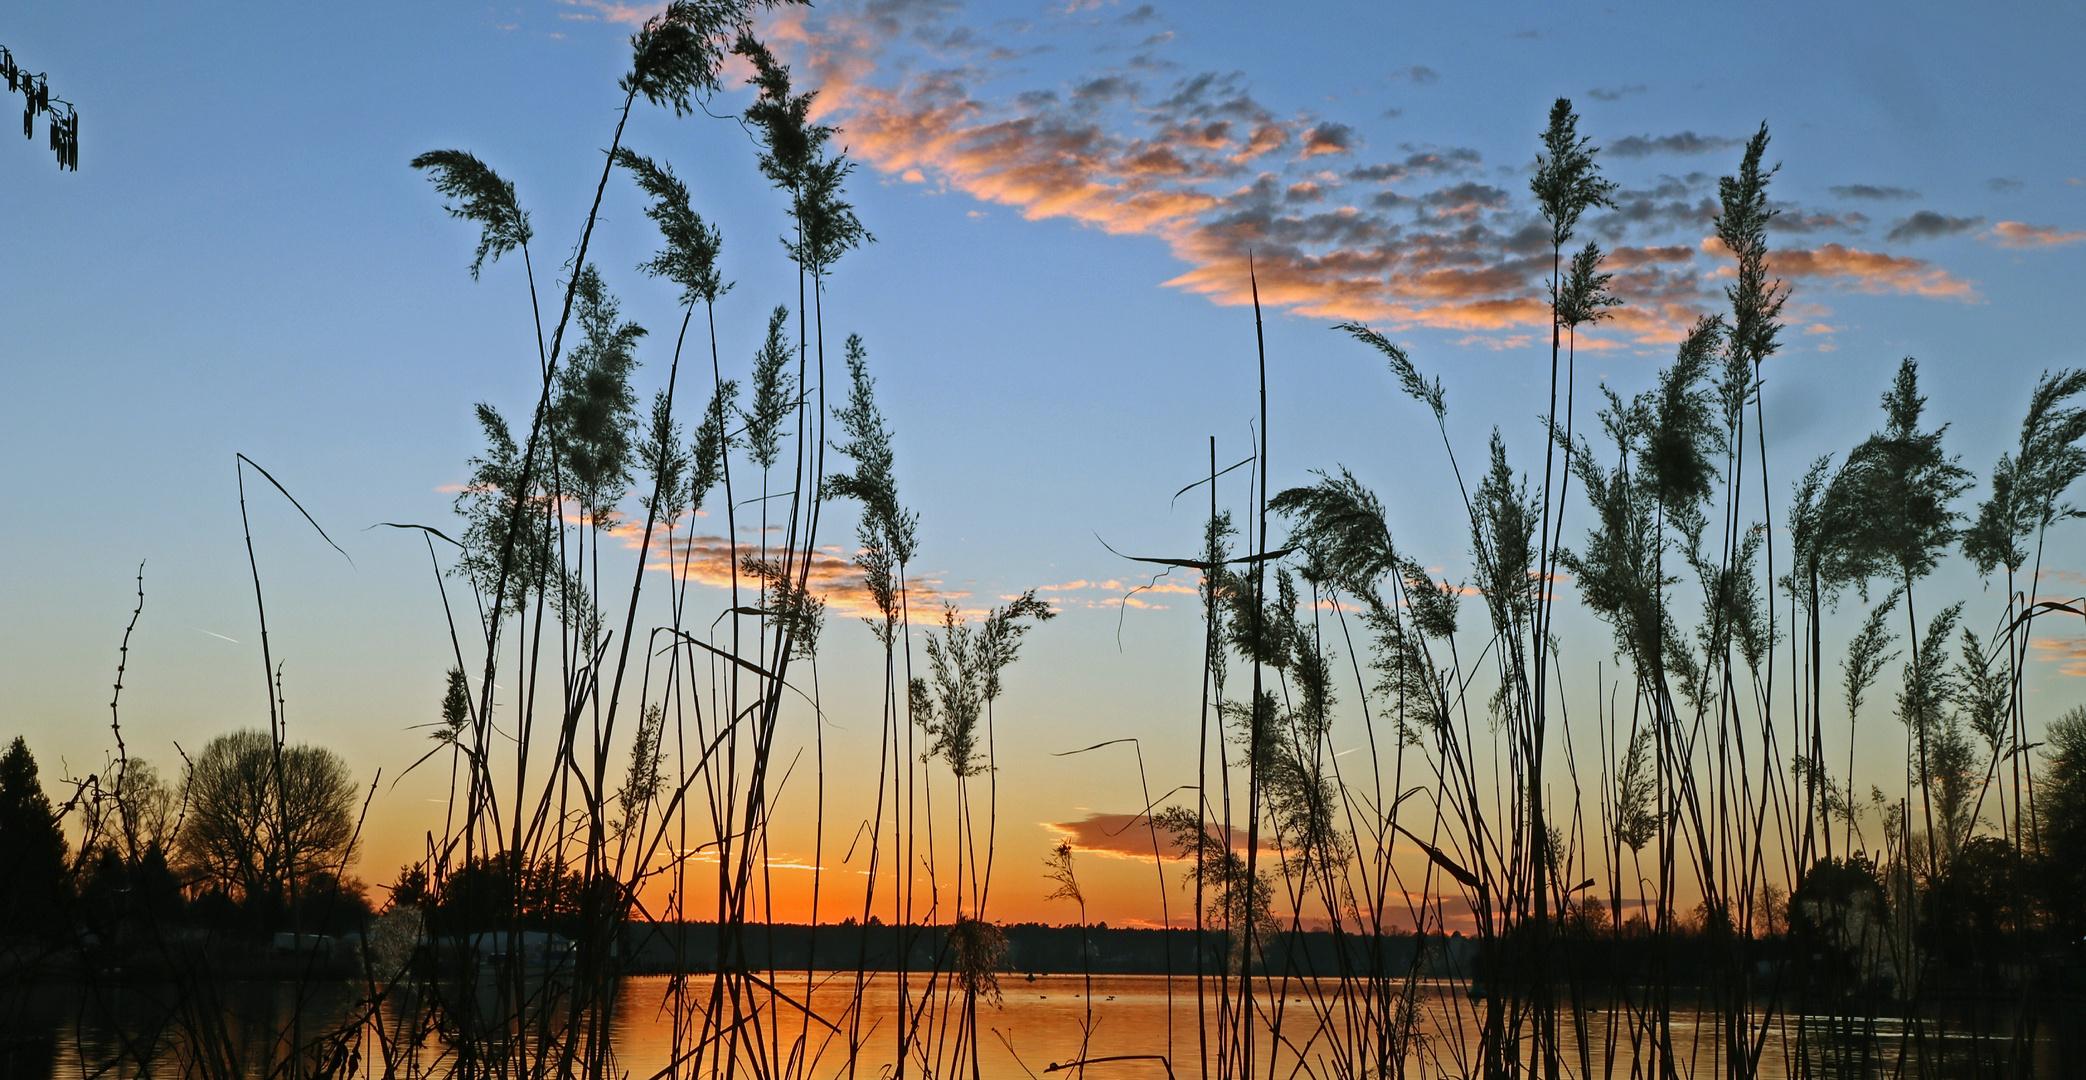 Sonnenuntergang am Dämeritzsee